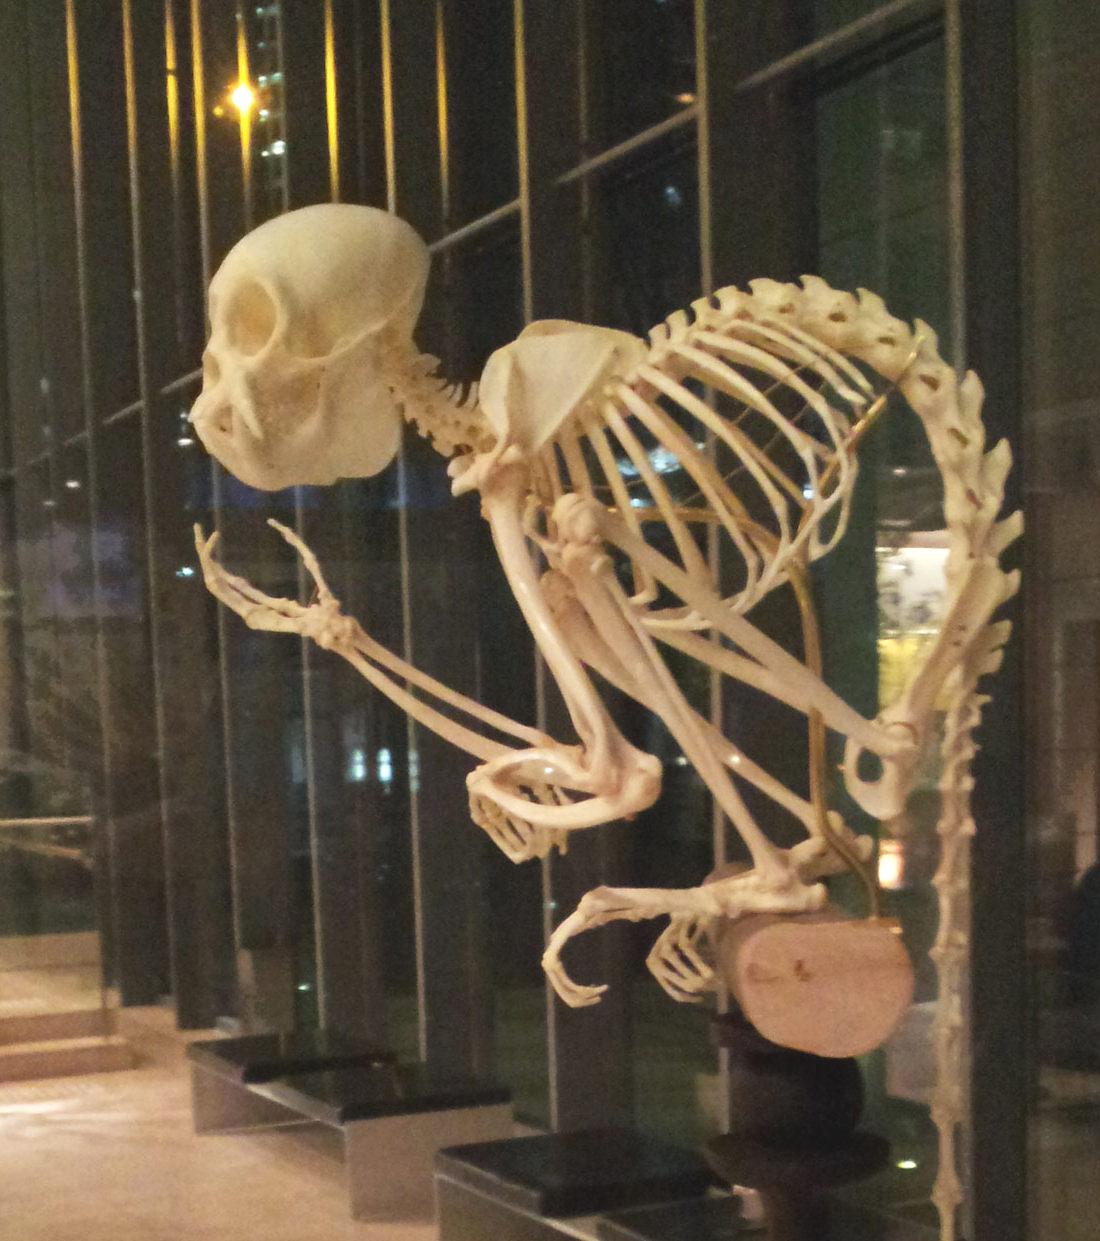 Monkey skeleton at the Akasaka Intercity Bldg. - Nov. 19, 2014